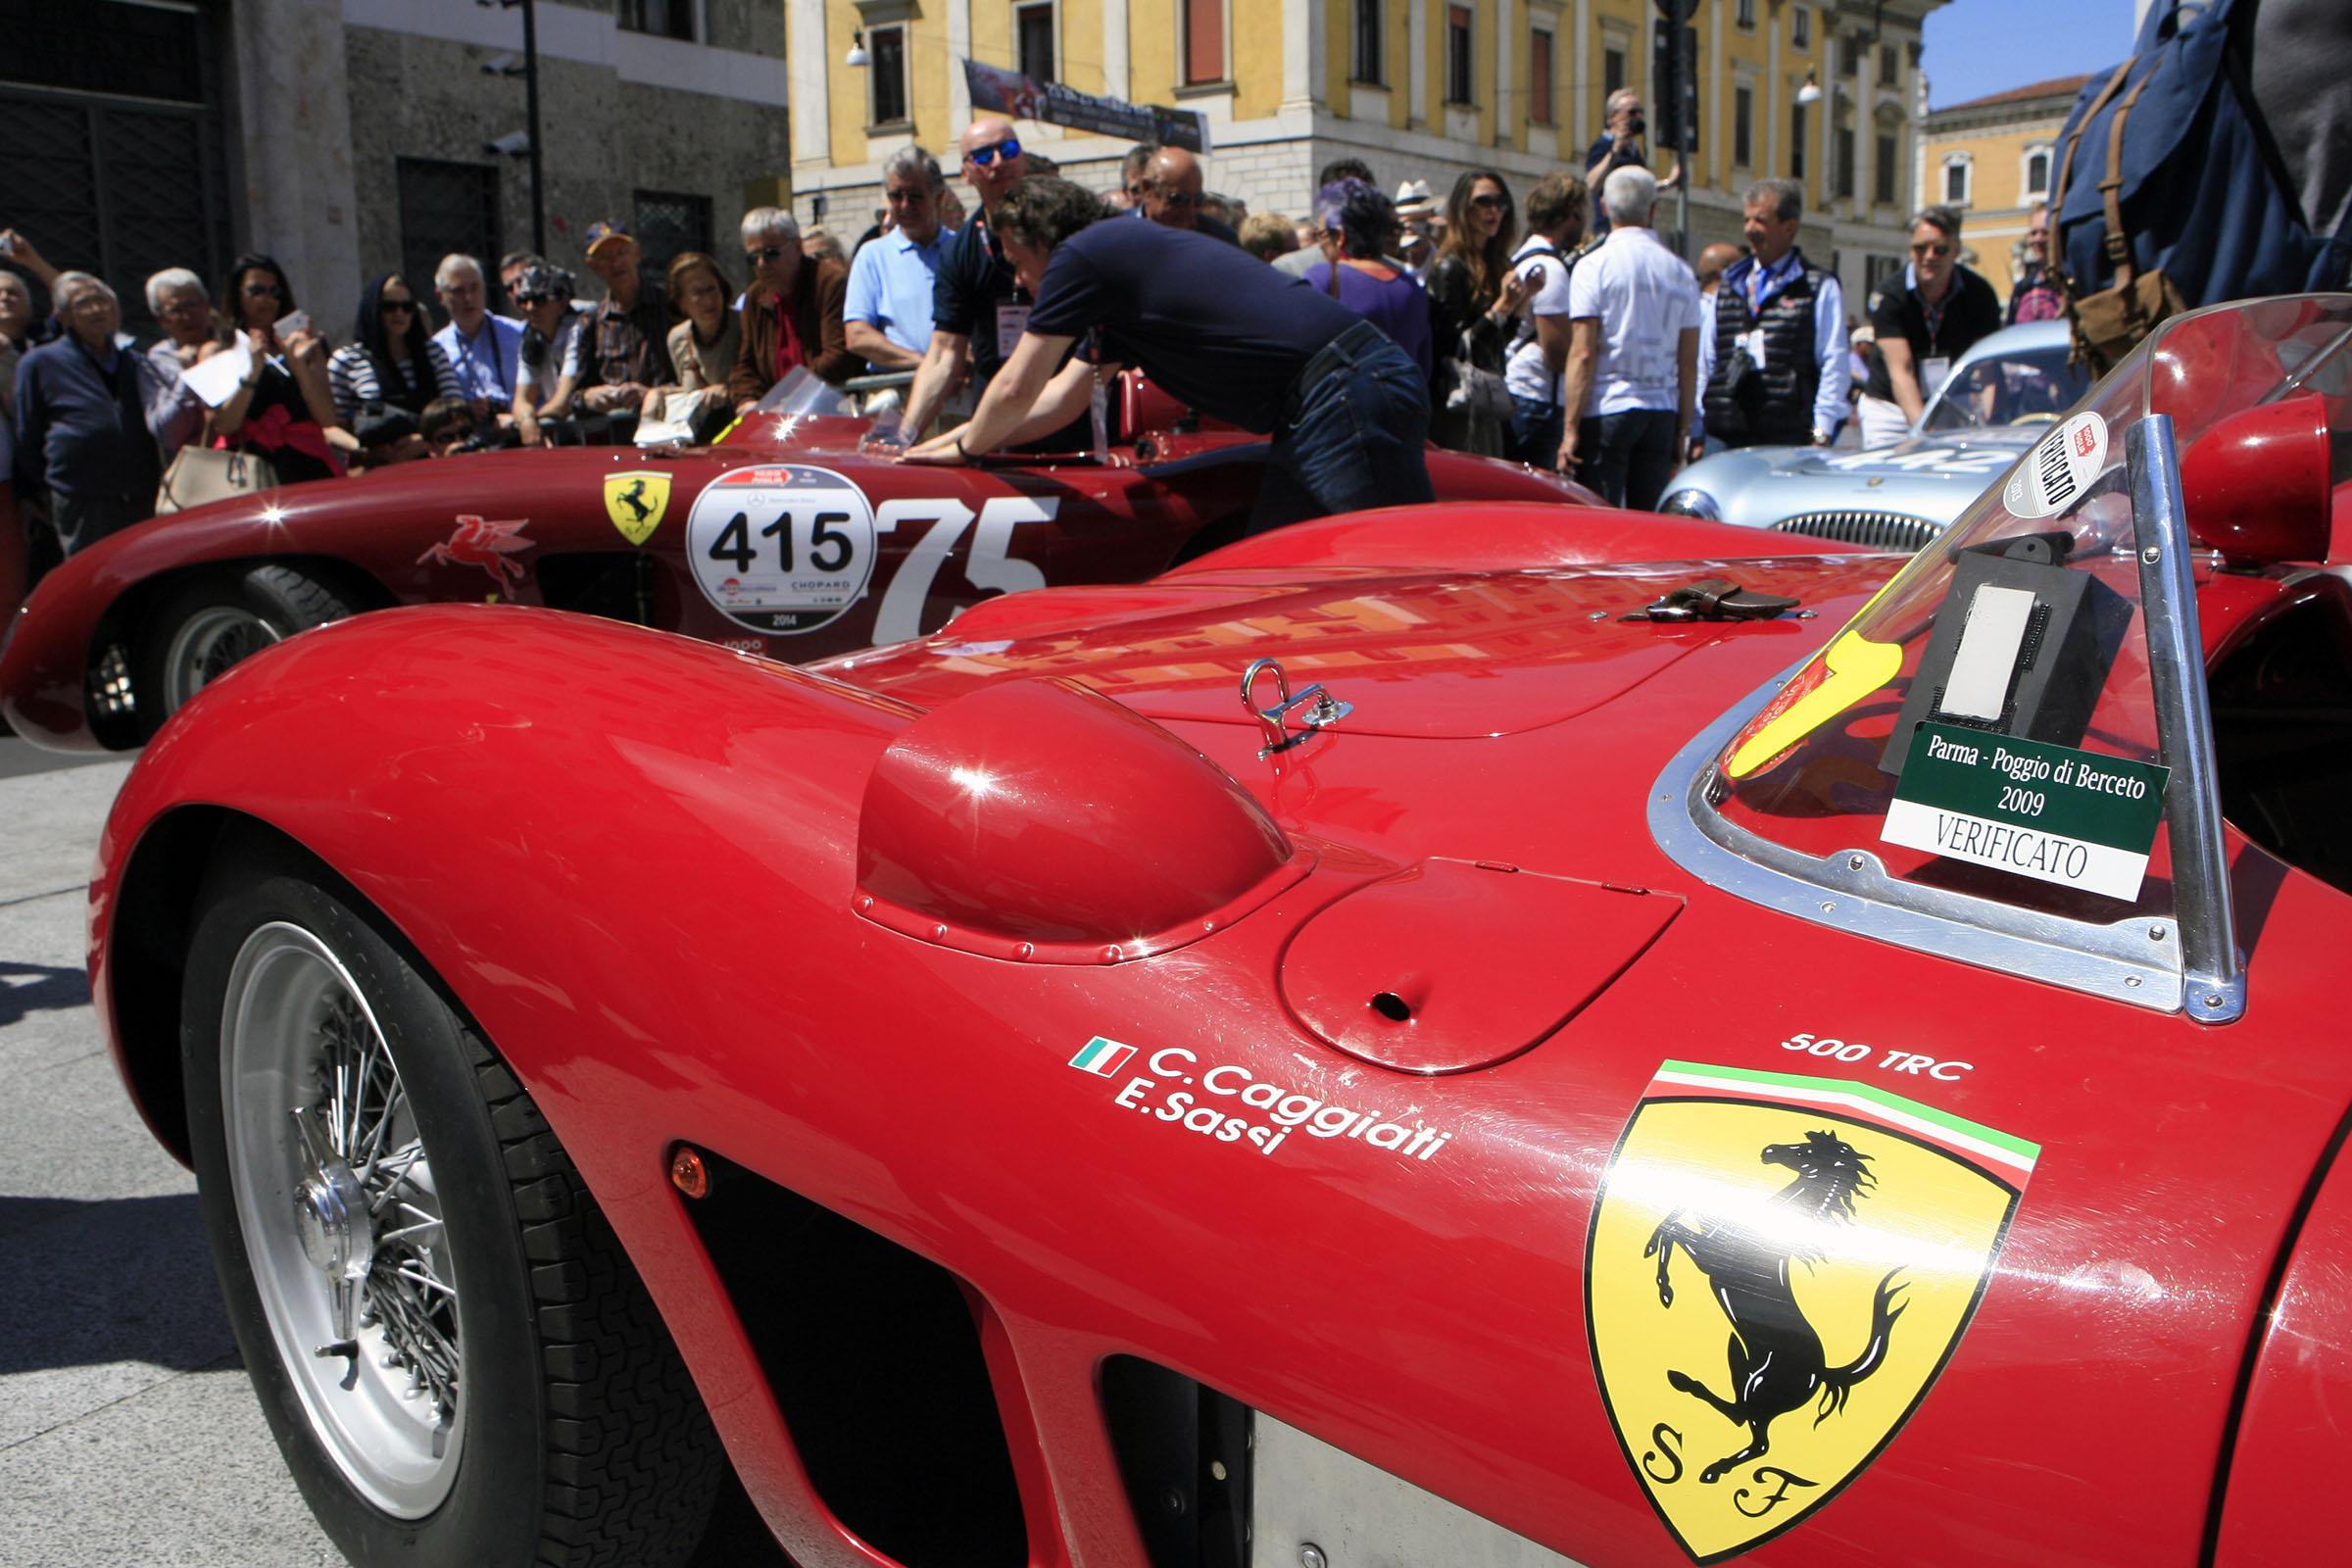 415 Ferrari 500 TR spider Scaglietti (1956)  meets 431 - Ferrari 500 TR spider Scaglietti (1957)